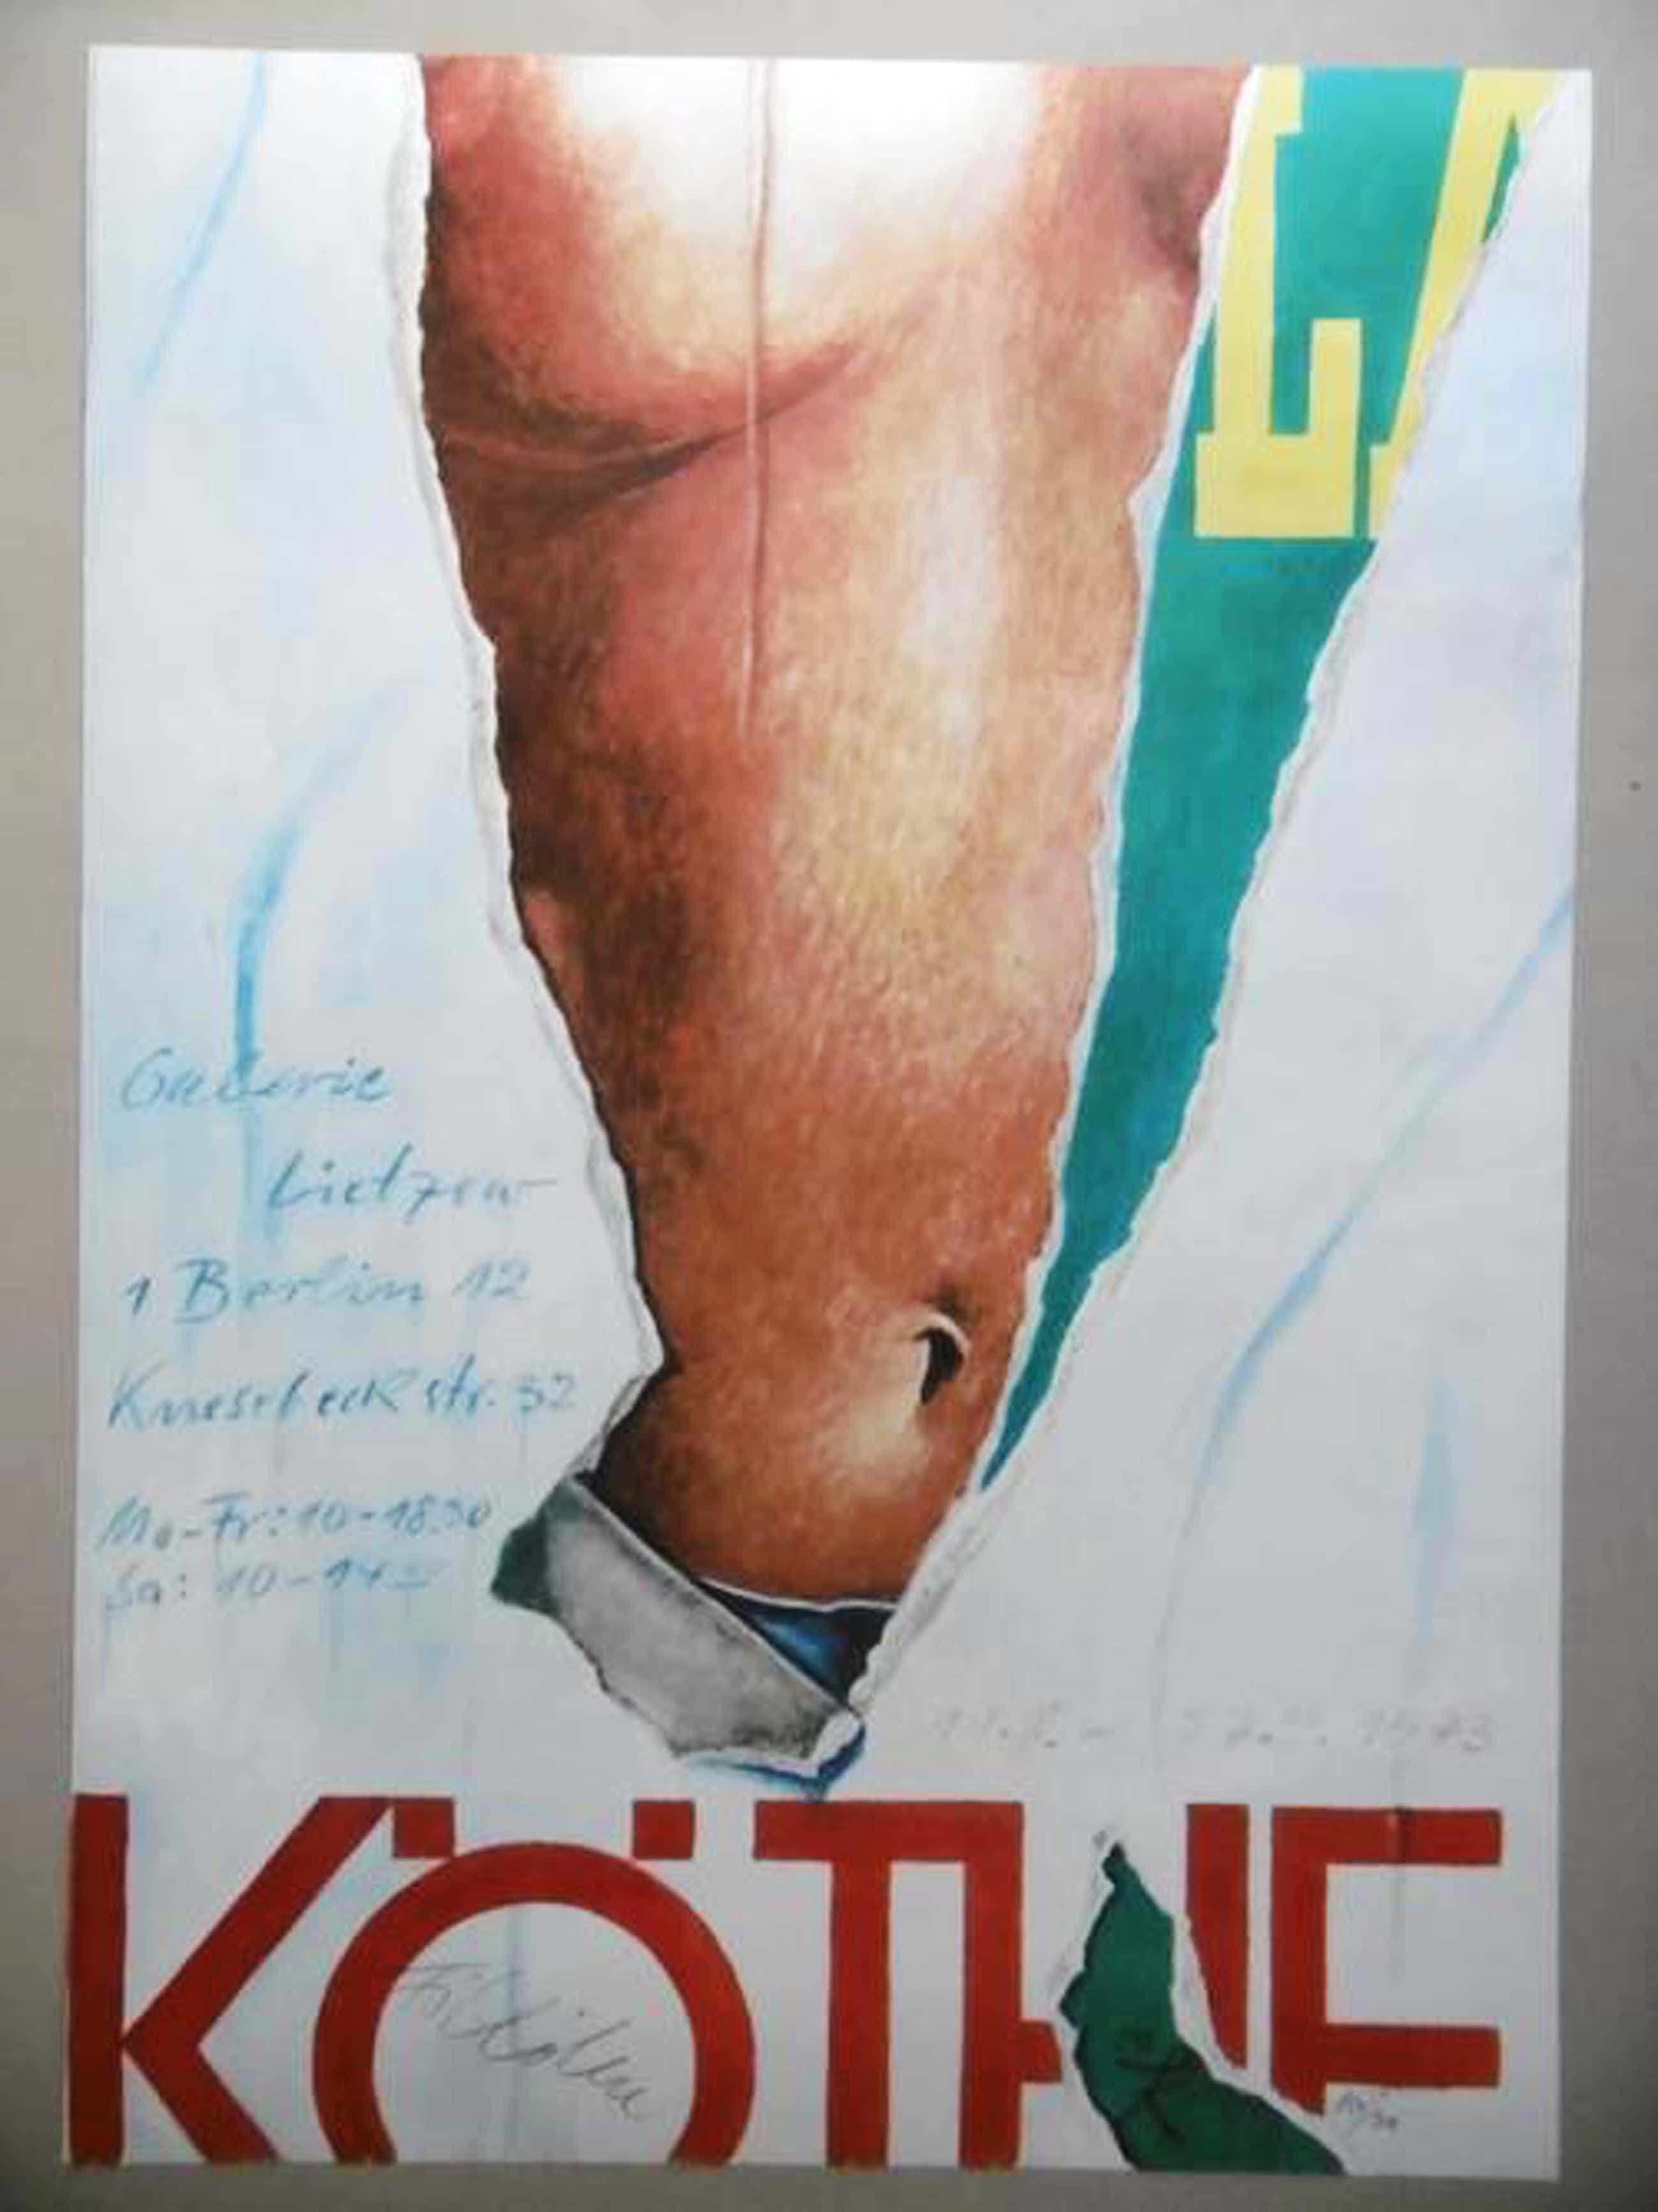 Fritz Köthe - Künstlerplakat, 1973, Auflage 300, signierte und nummerierte Exemplare kopen? Bied vanaf 75!